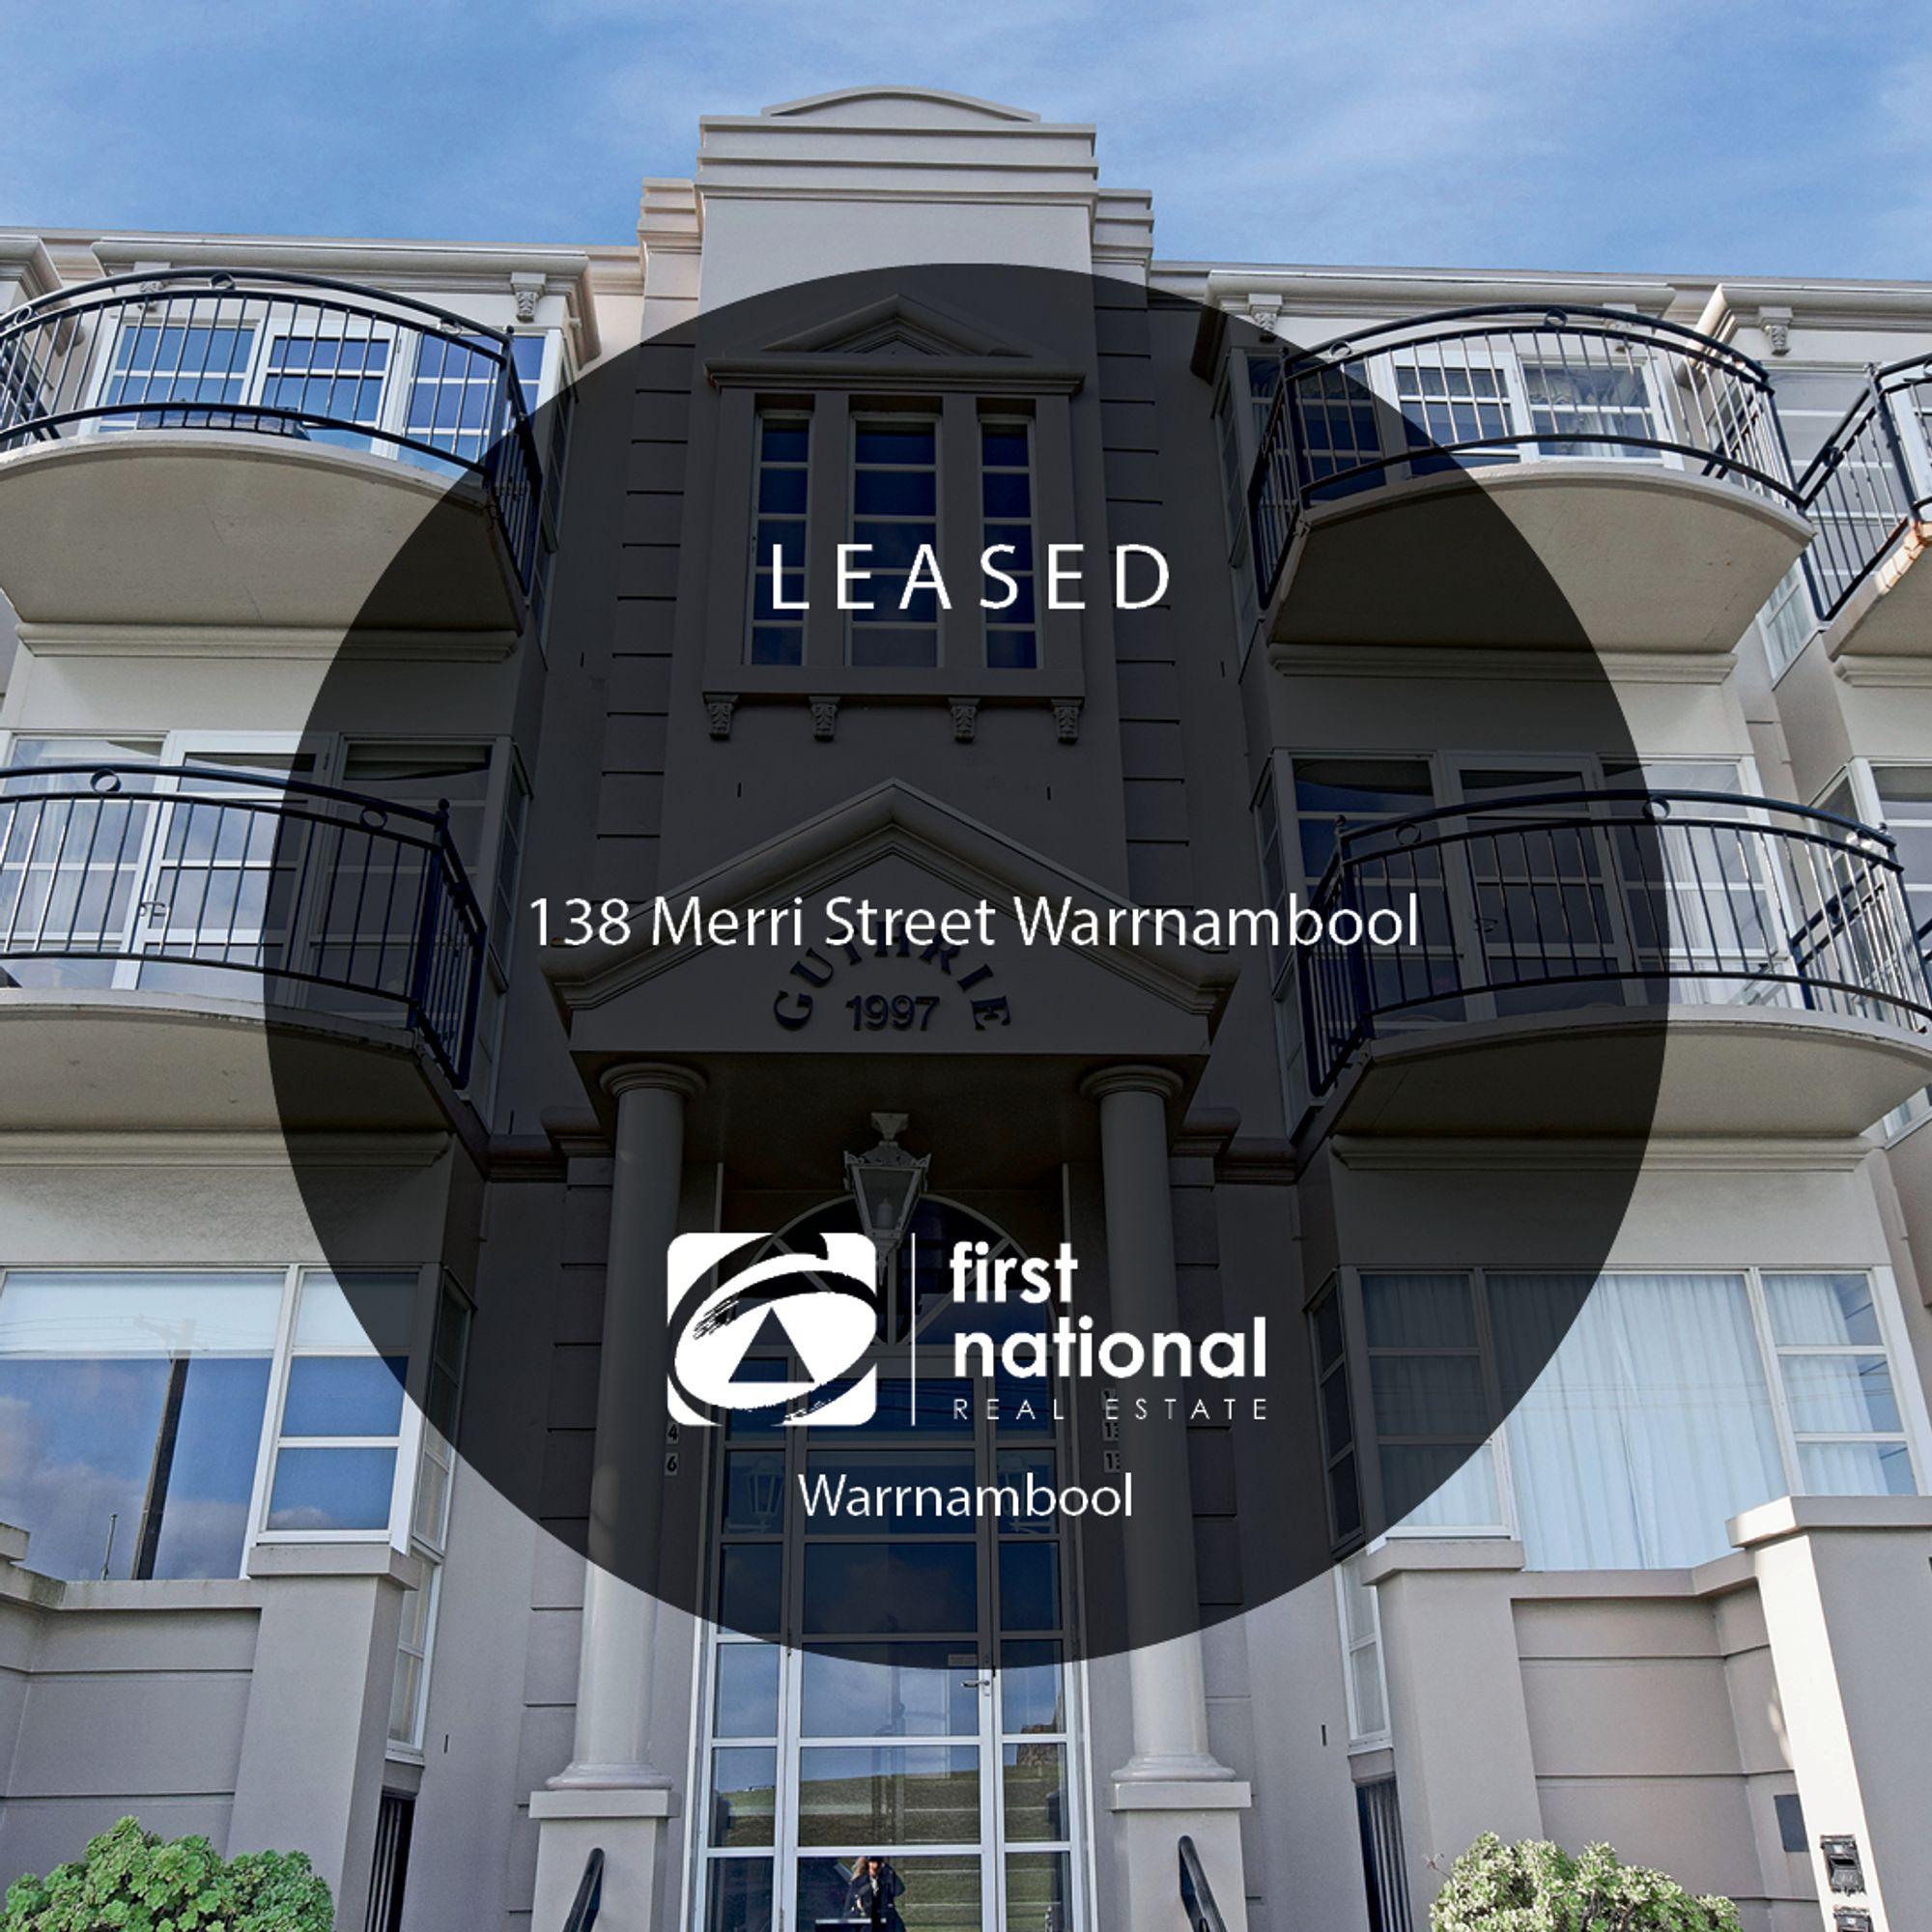 138 Merri Street, Warrnambool, VIC 3280